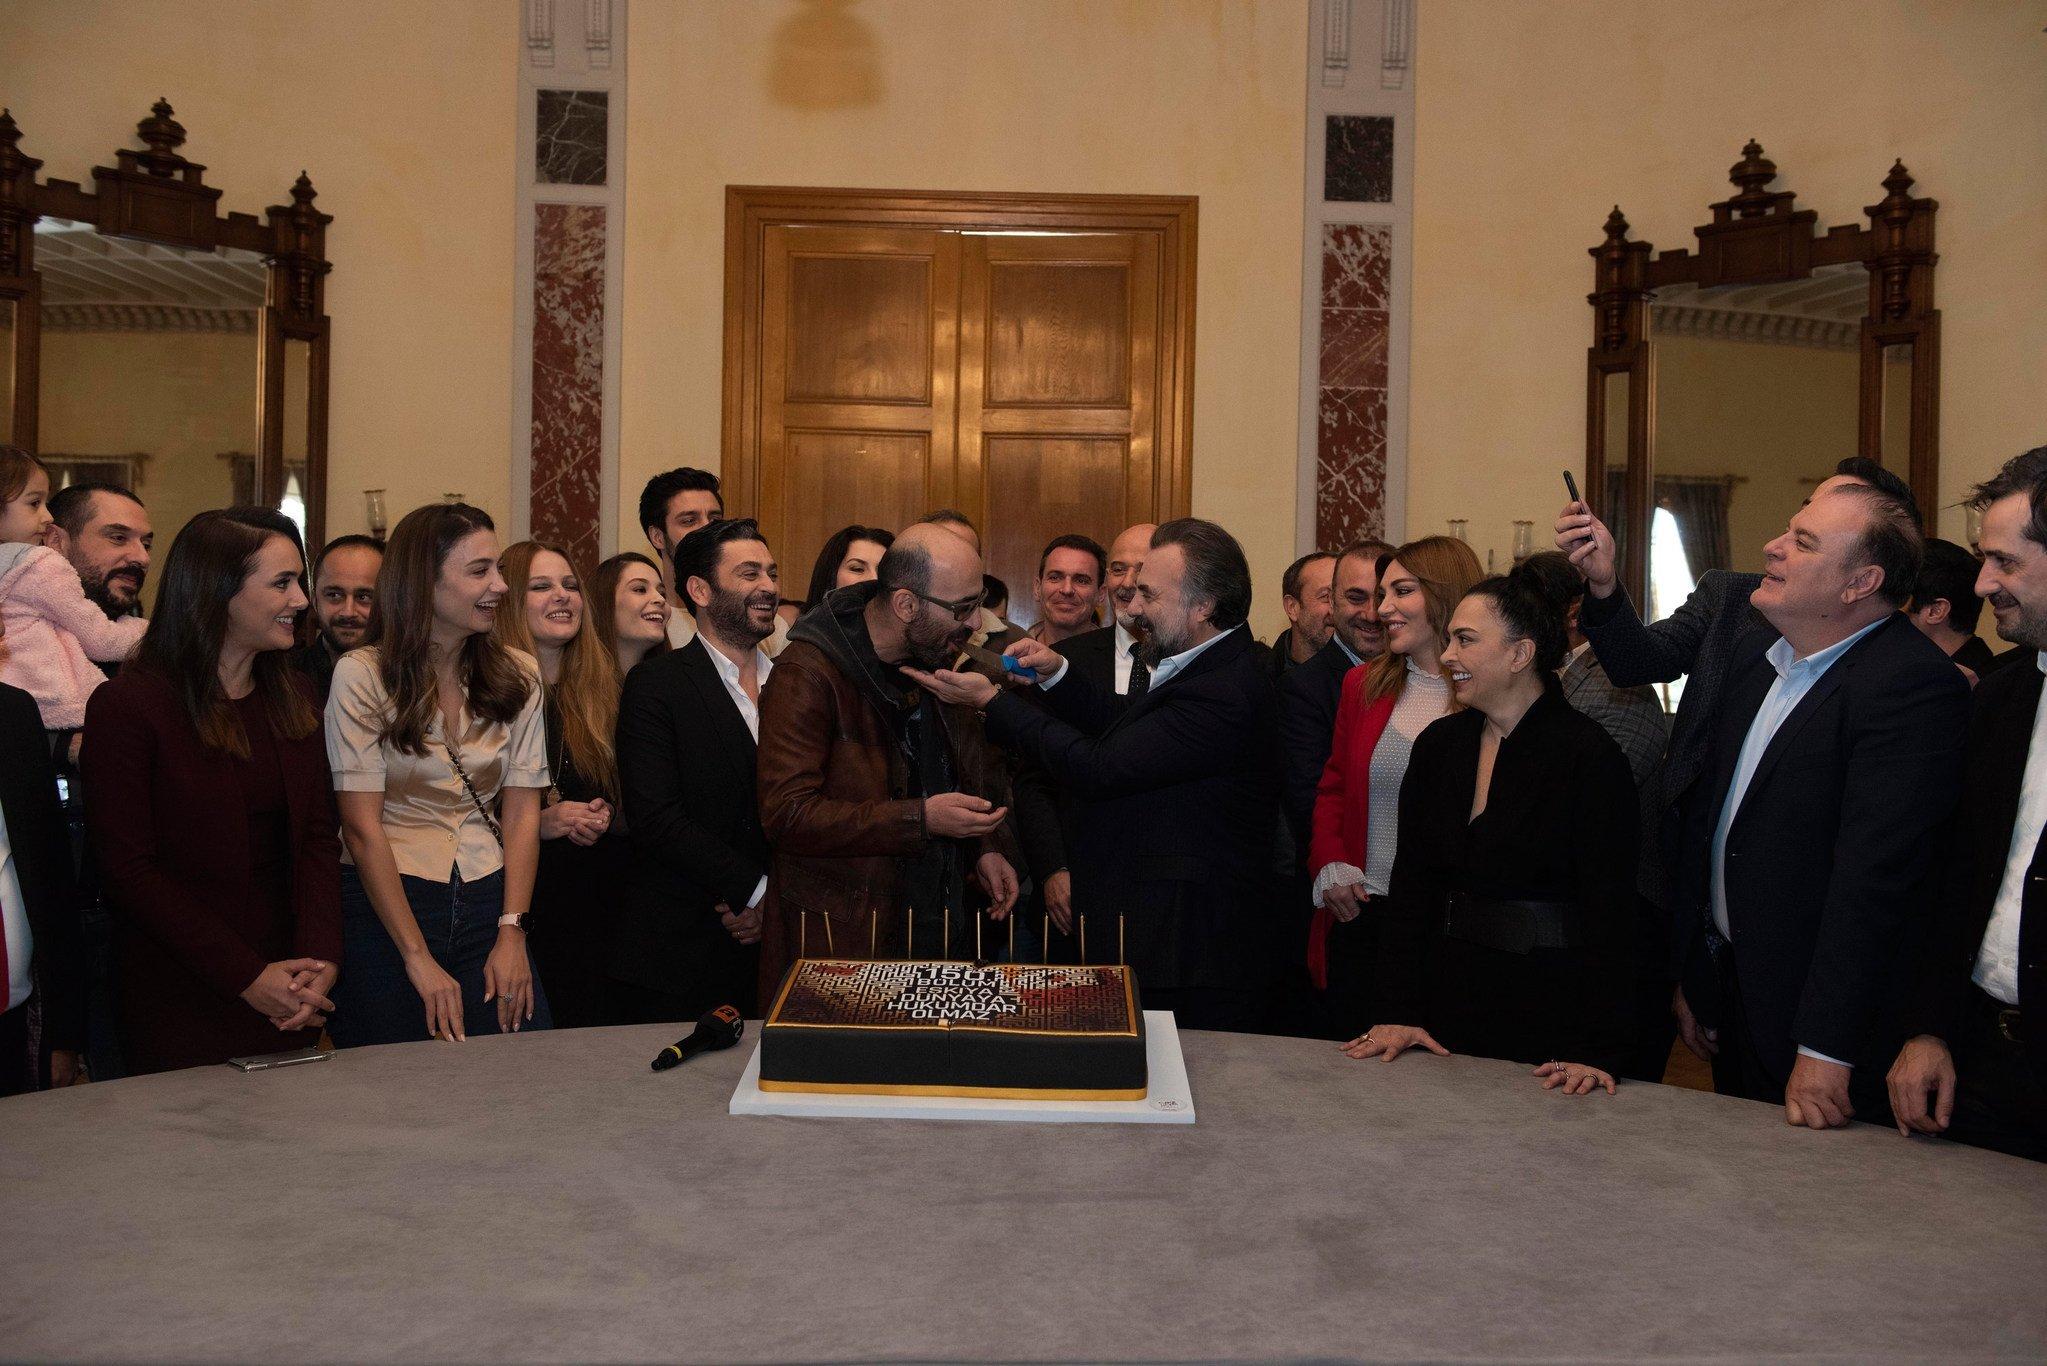 Eşkıya Dünyaya Hükümdar Olmaz 150. bölümünü pasta keserek kutladı